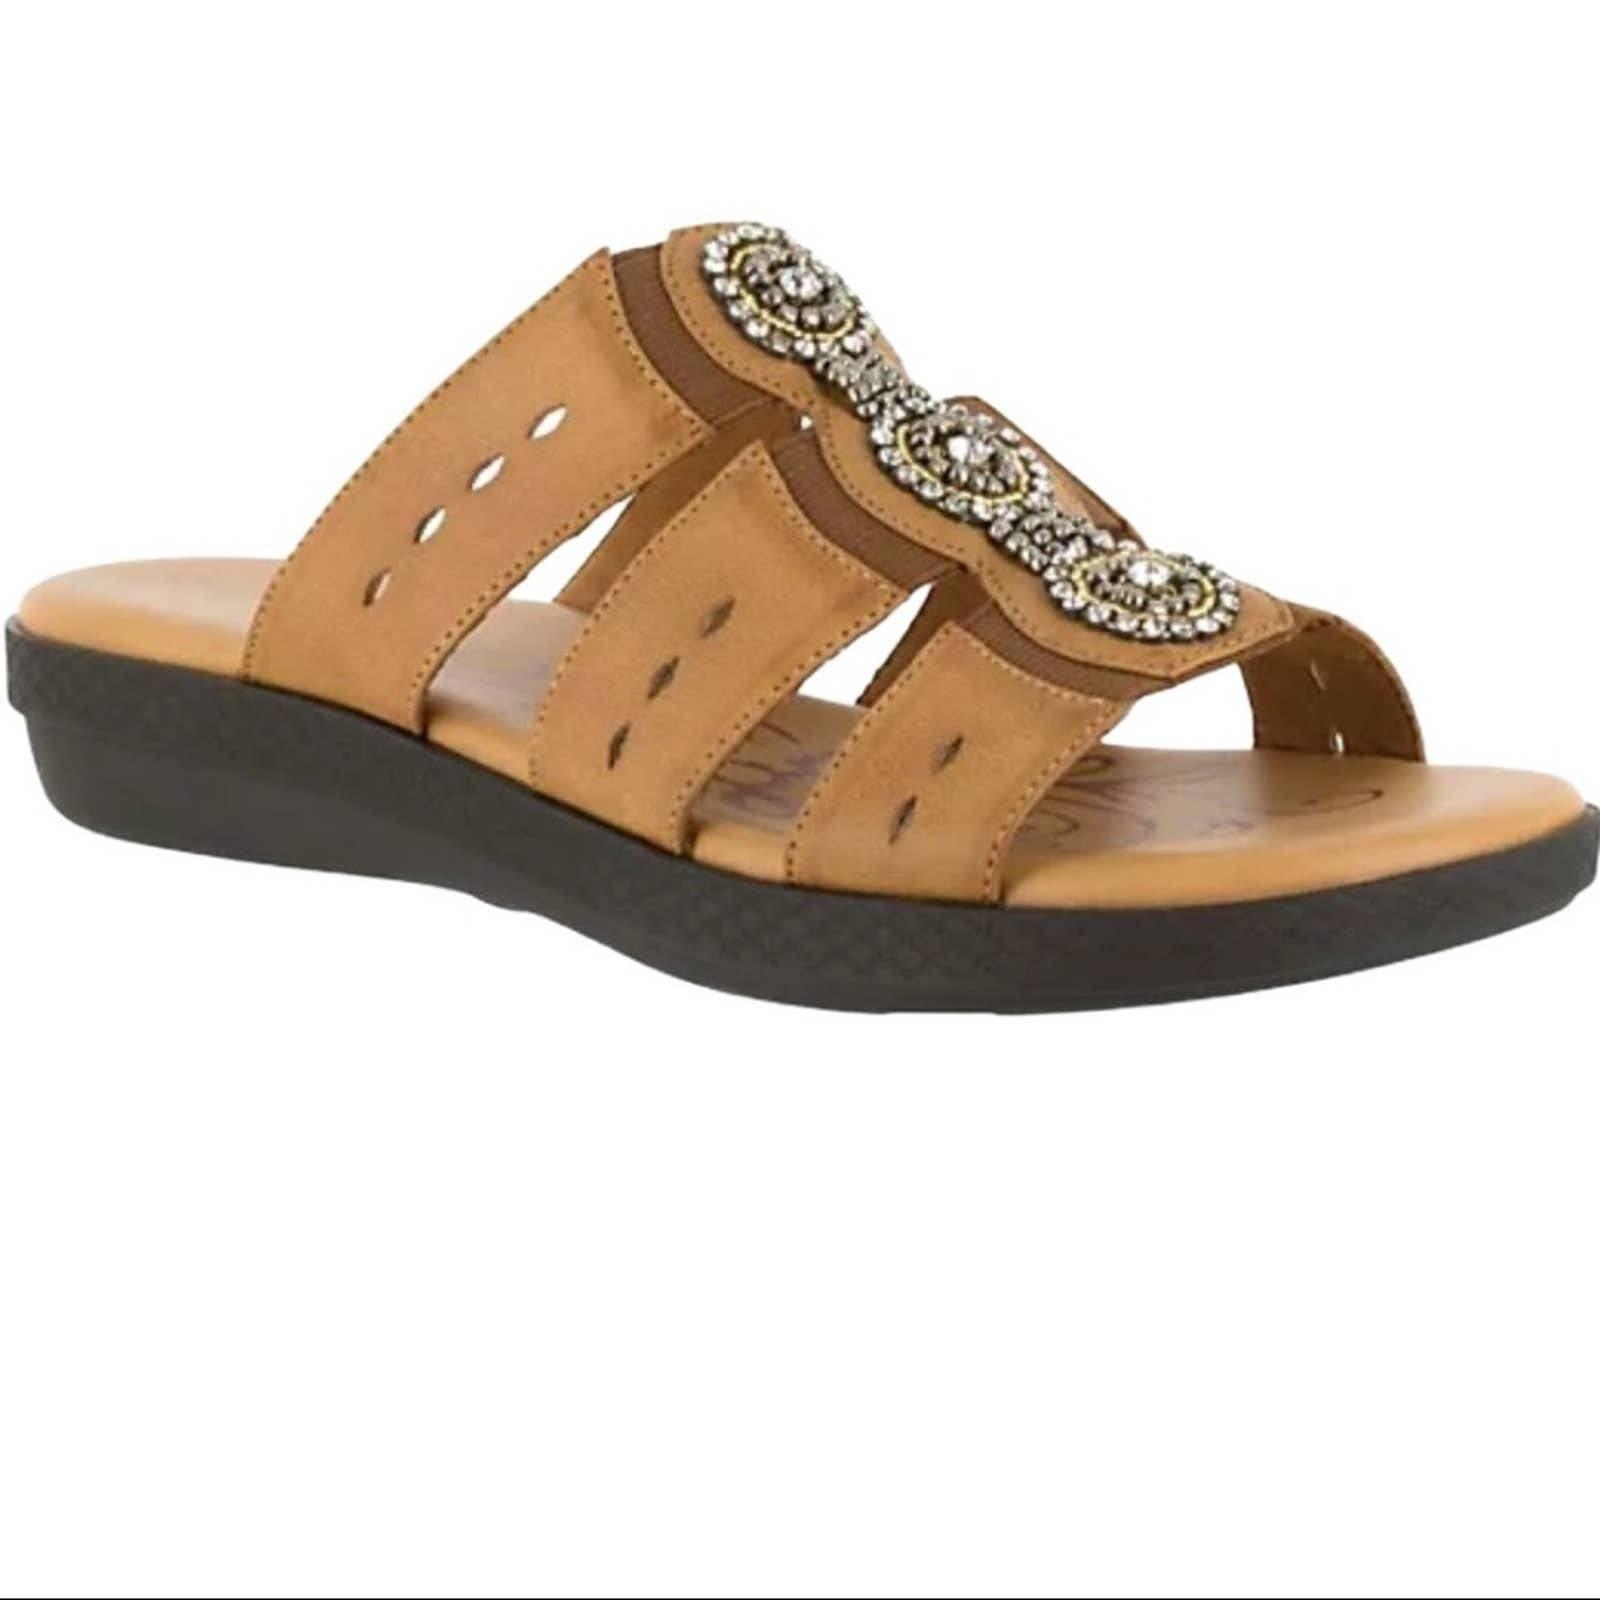 New! Easy Street Slide Sandals - Nori